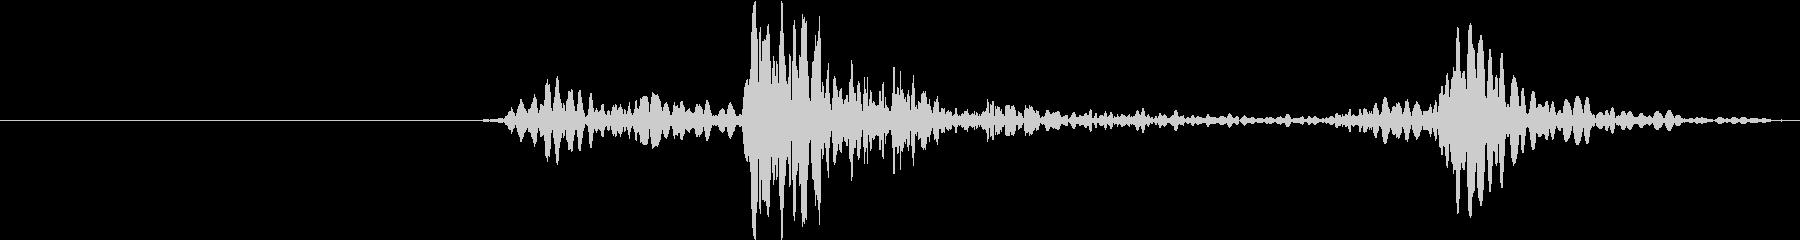 ヴィンテージカードア:オープン、カードアの未再生の波形